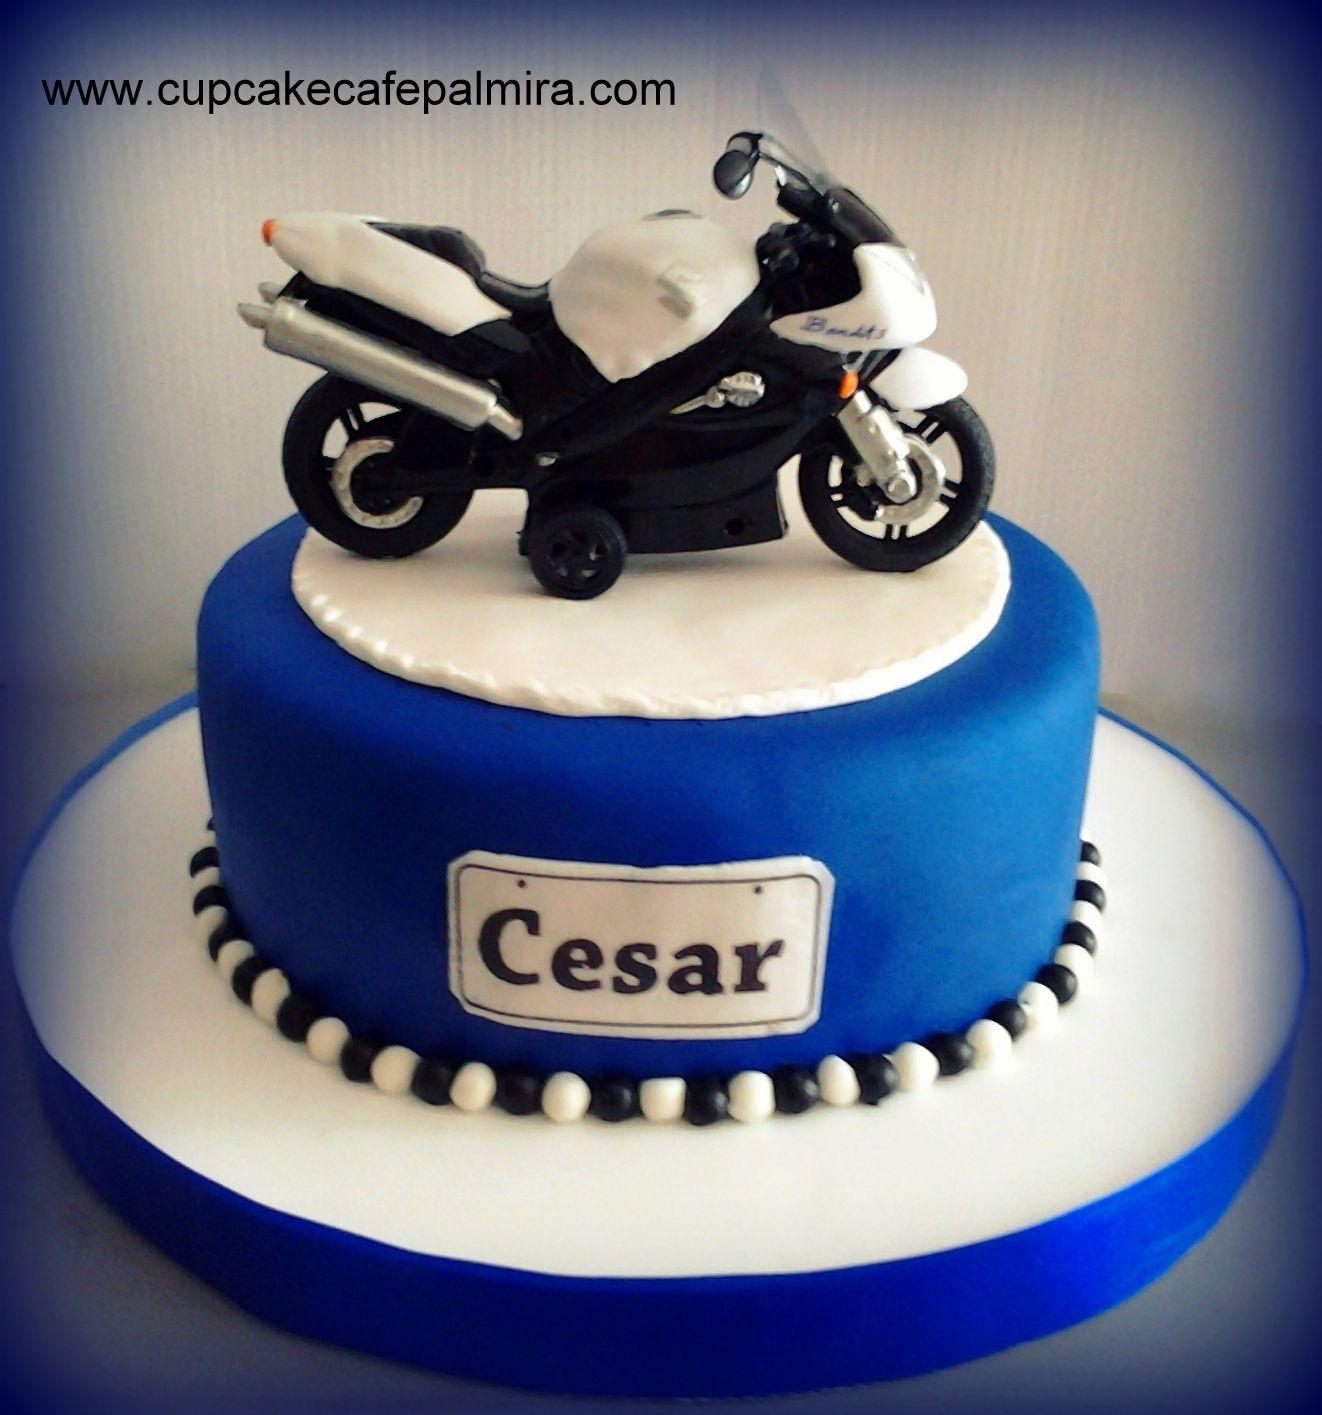 motorcycle cake   cupcake cafe palmira   pinterest   motorcycle